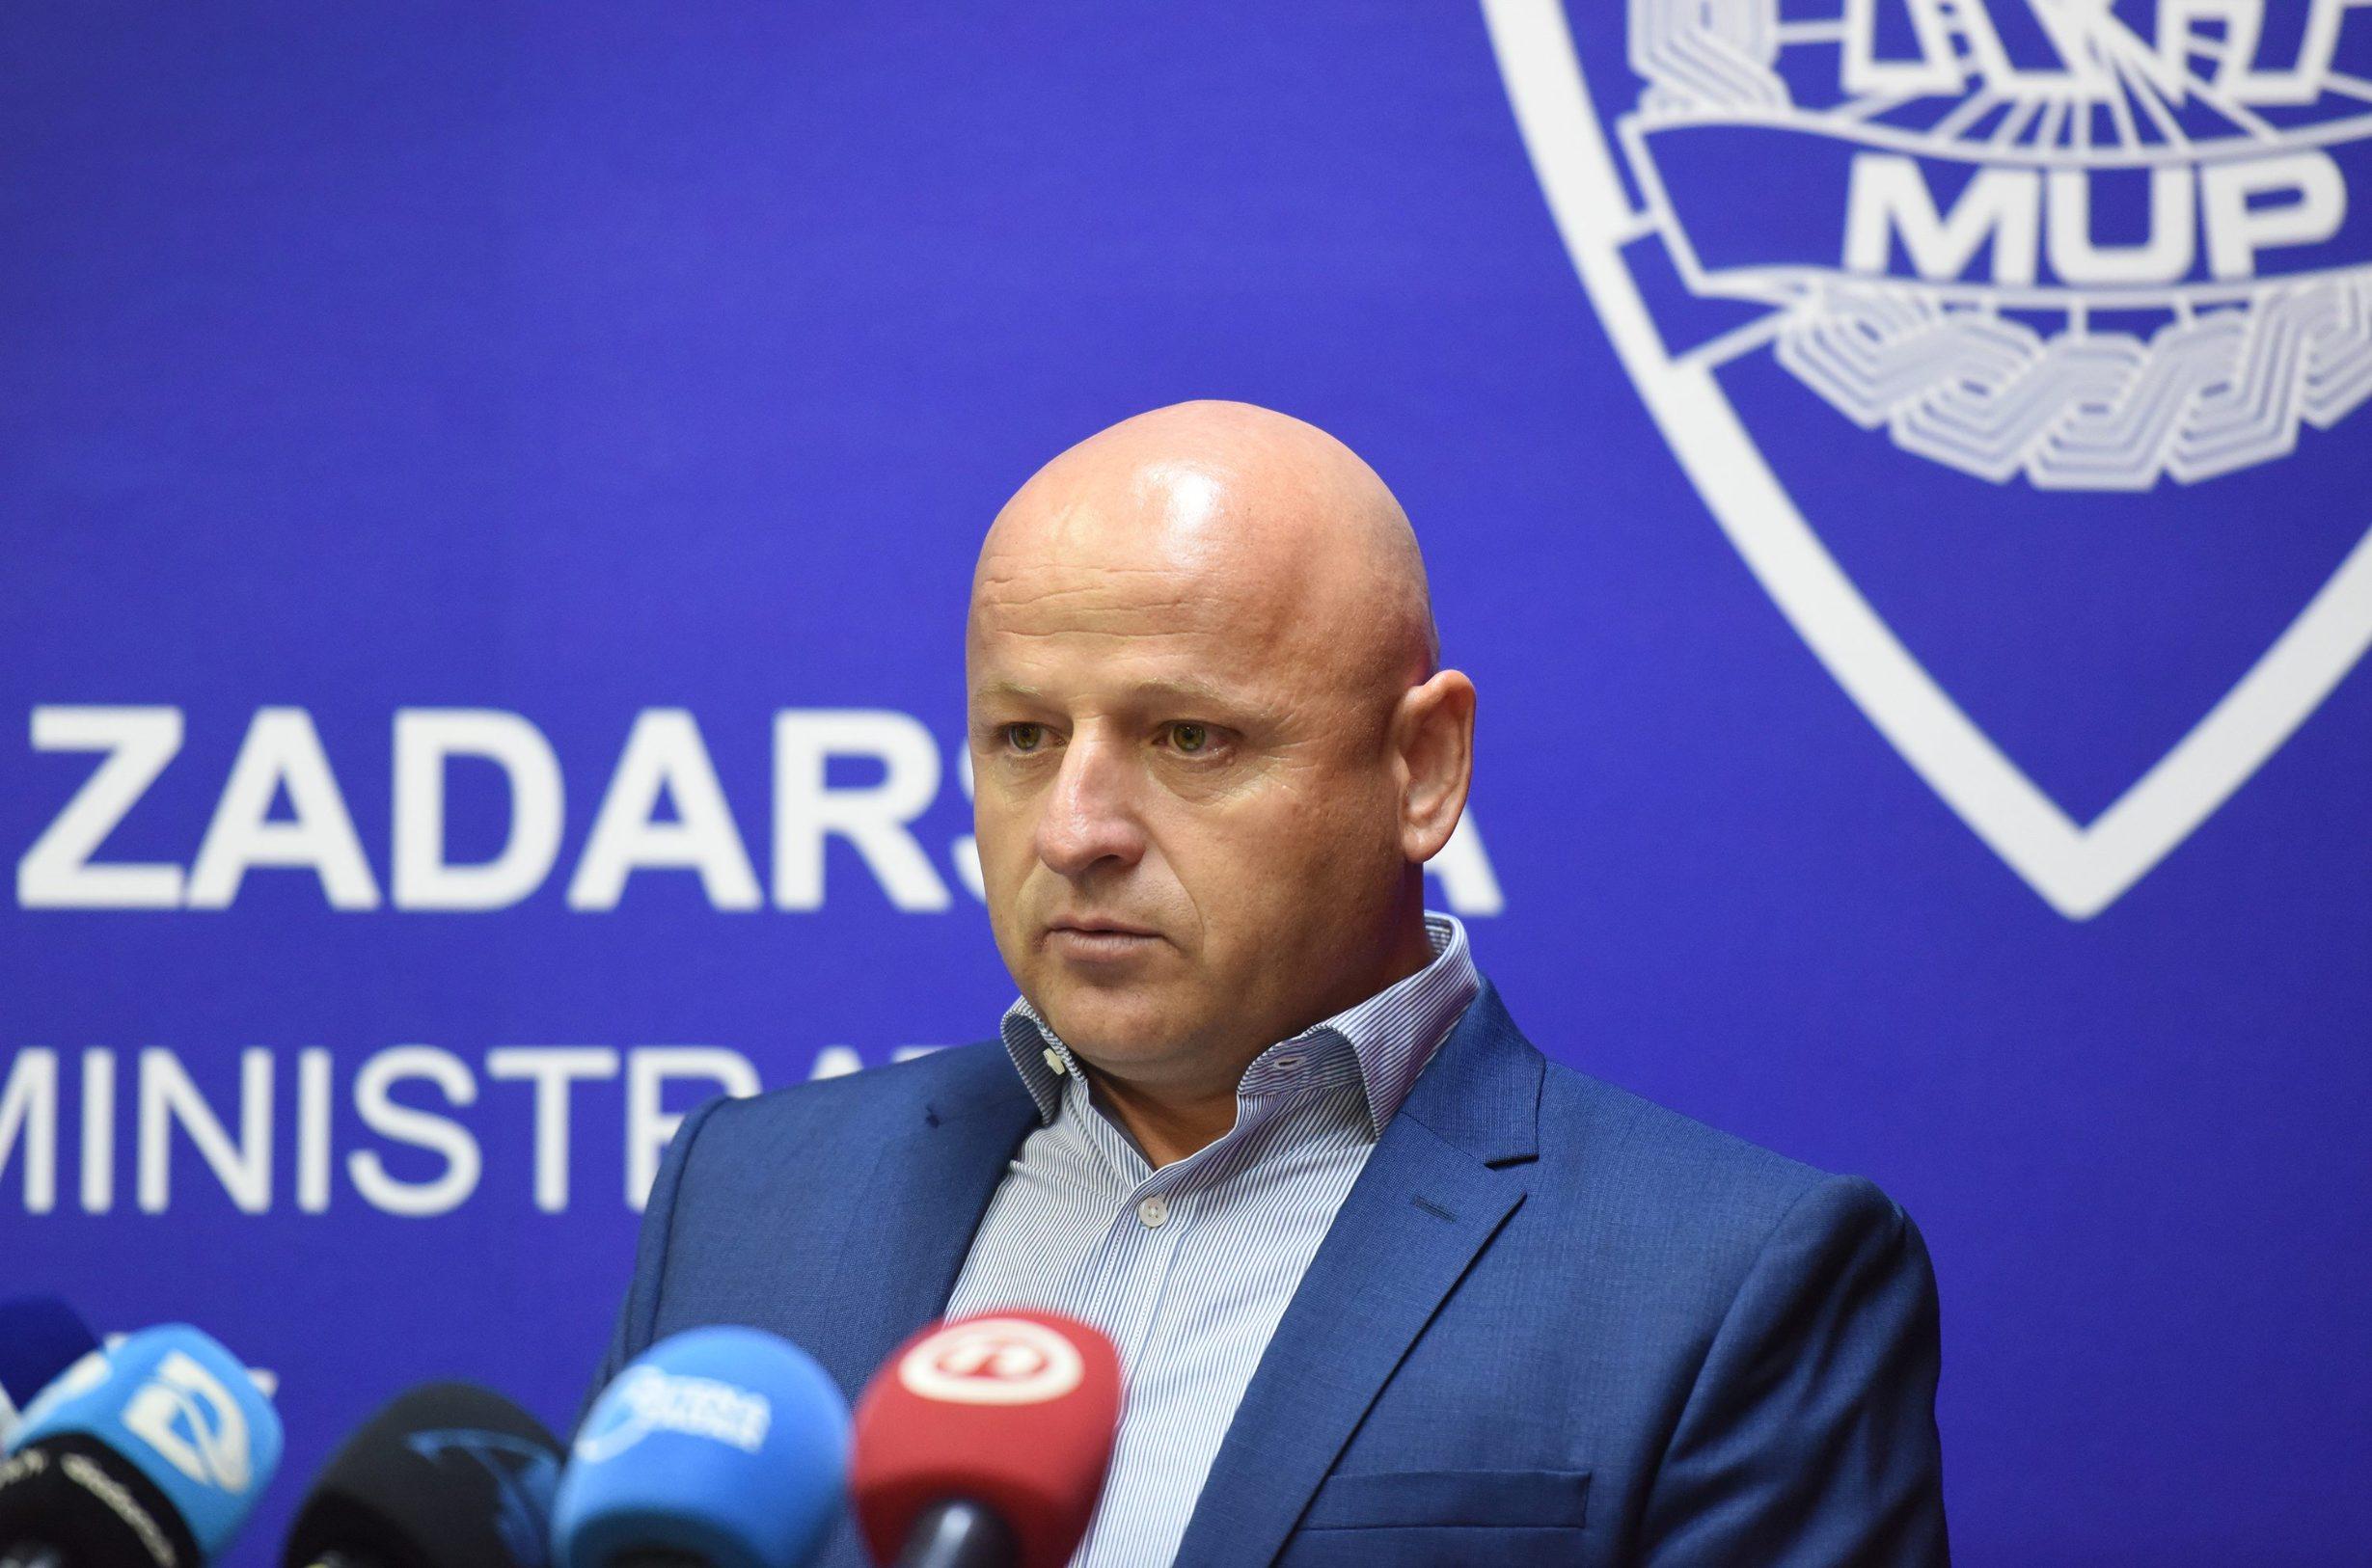 Zadar, 180919. Konferencija za medije PU zadarske povodom uhicenja 37-godisnjeg Josipa Zivkovica iz Zadra zbog sumnje da je sudjelovao u preprodaji kokaina. Pretresom njegove kuce na Bilom brigu pronadjeno je kilogram i 135,6 grama kokaina vrlo visoke cistoce namijenjenog iskljucivo zadarskom trzistu, vrijednog 1,65 milijuna kuna. Policija ga smatra najistaknutijim pojedincem na zadarskom trzistu droge. Na fotografiji: Bore Mrsic, voditelj sluzbe krim policije. Foto: Jure Miskovic / CROPIX